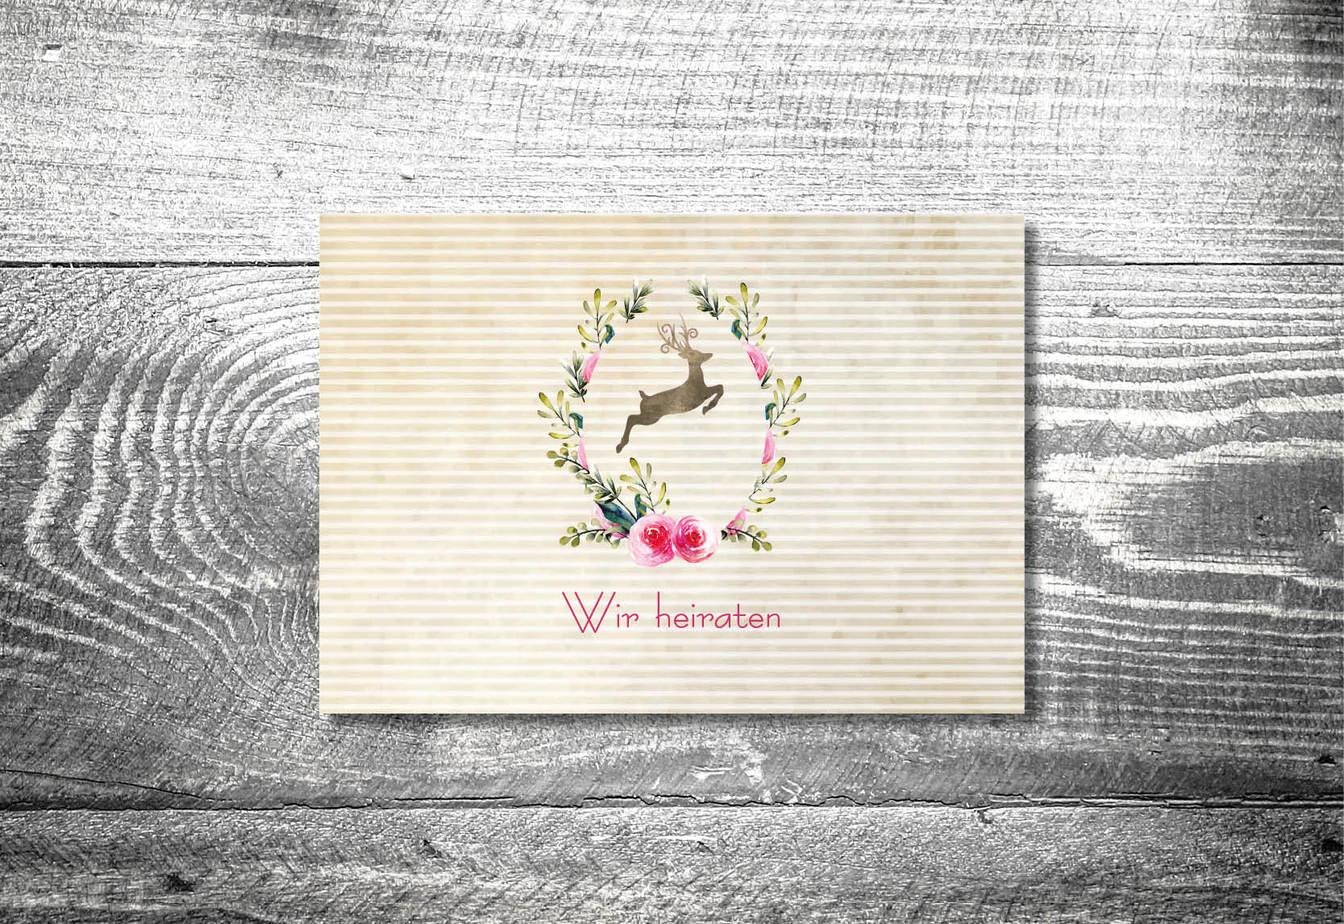 kartlerei karten drucken hochzeitseinladung heiraten bayrisch heimatgefuehl hirschkranz einladung - Hochzeitskarten Set